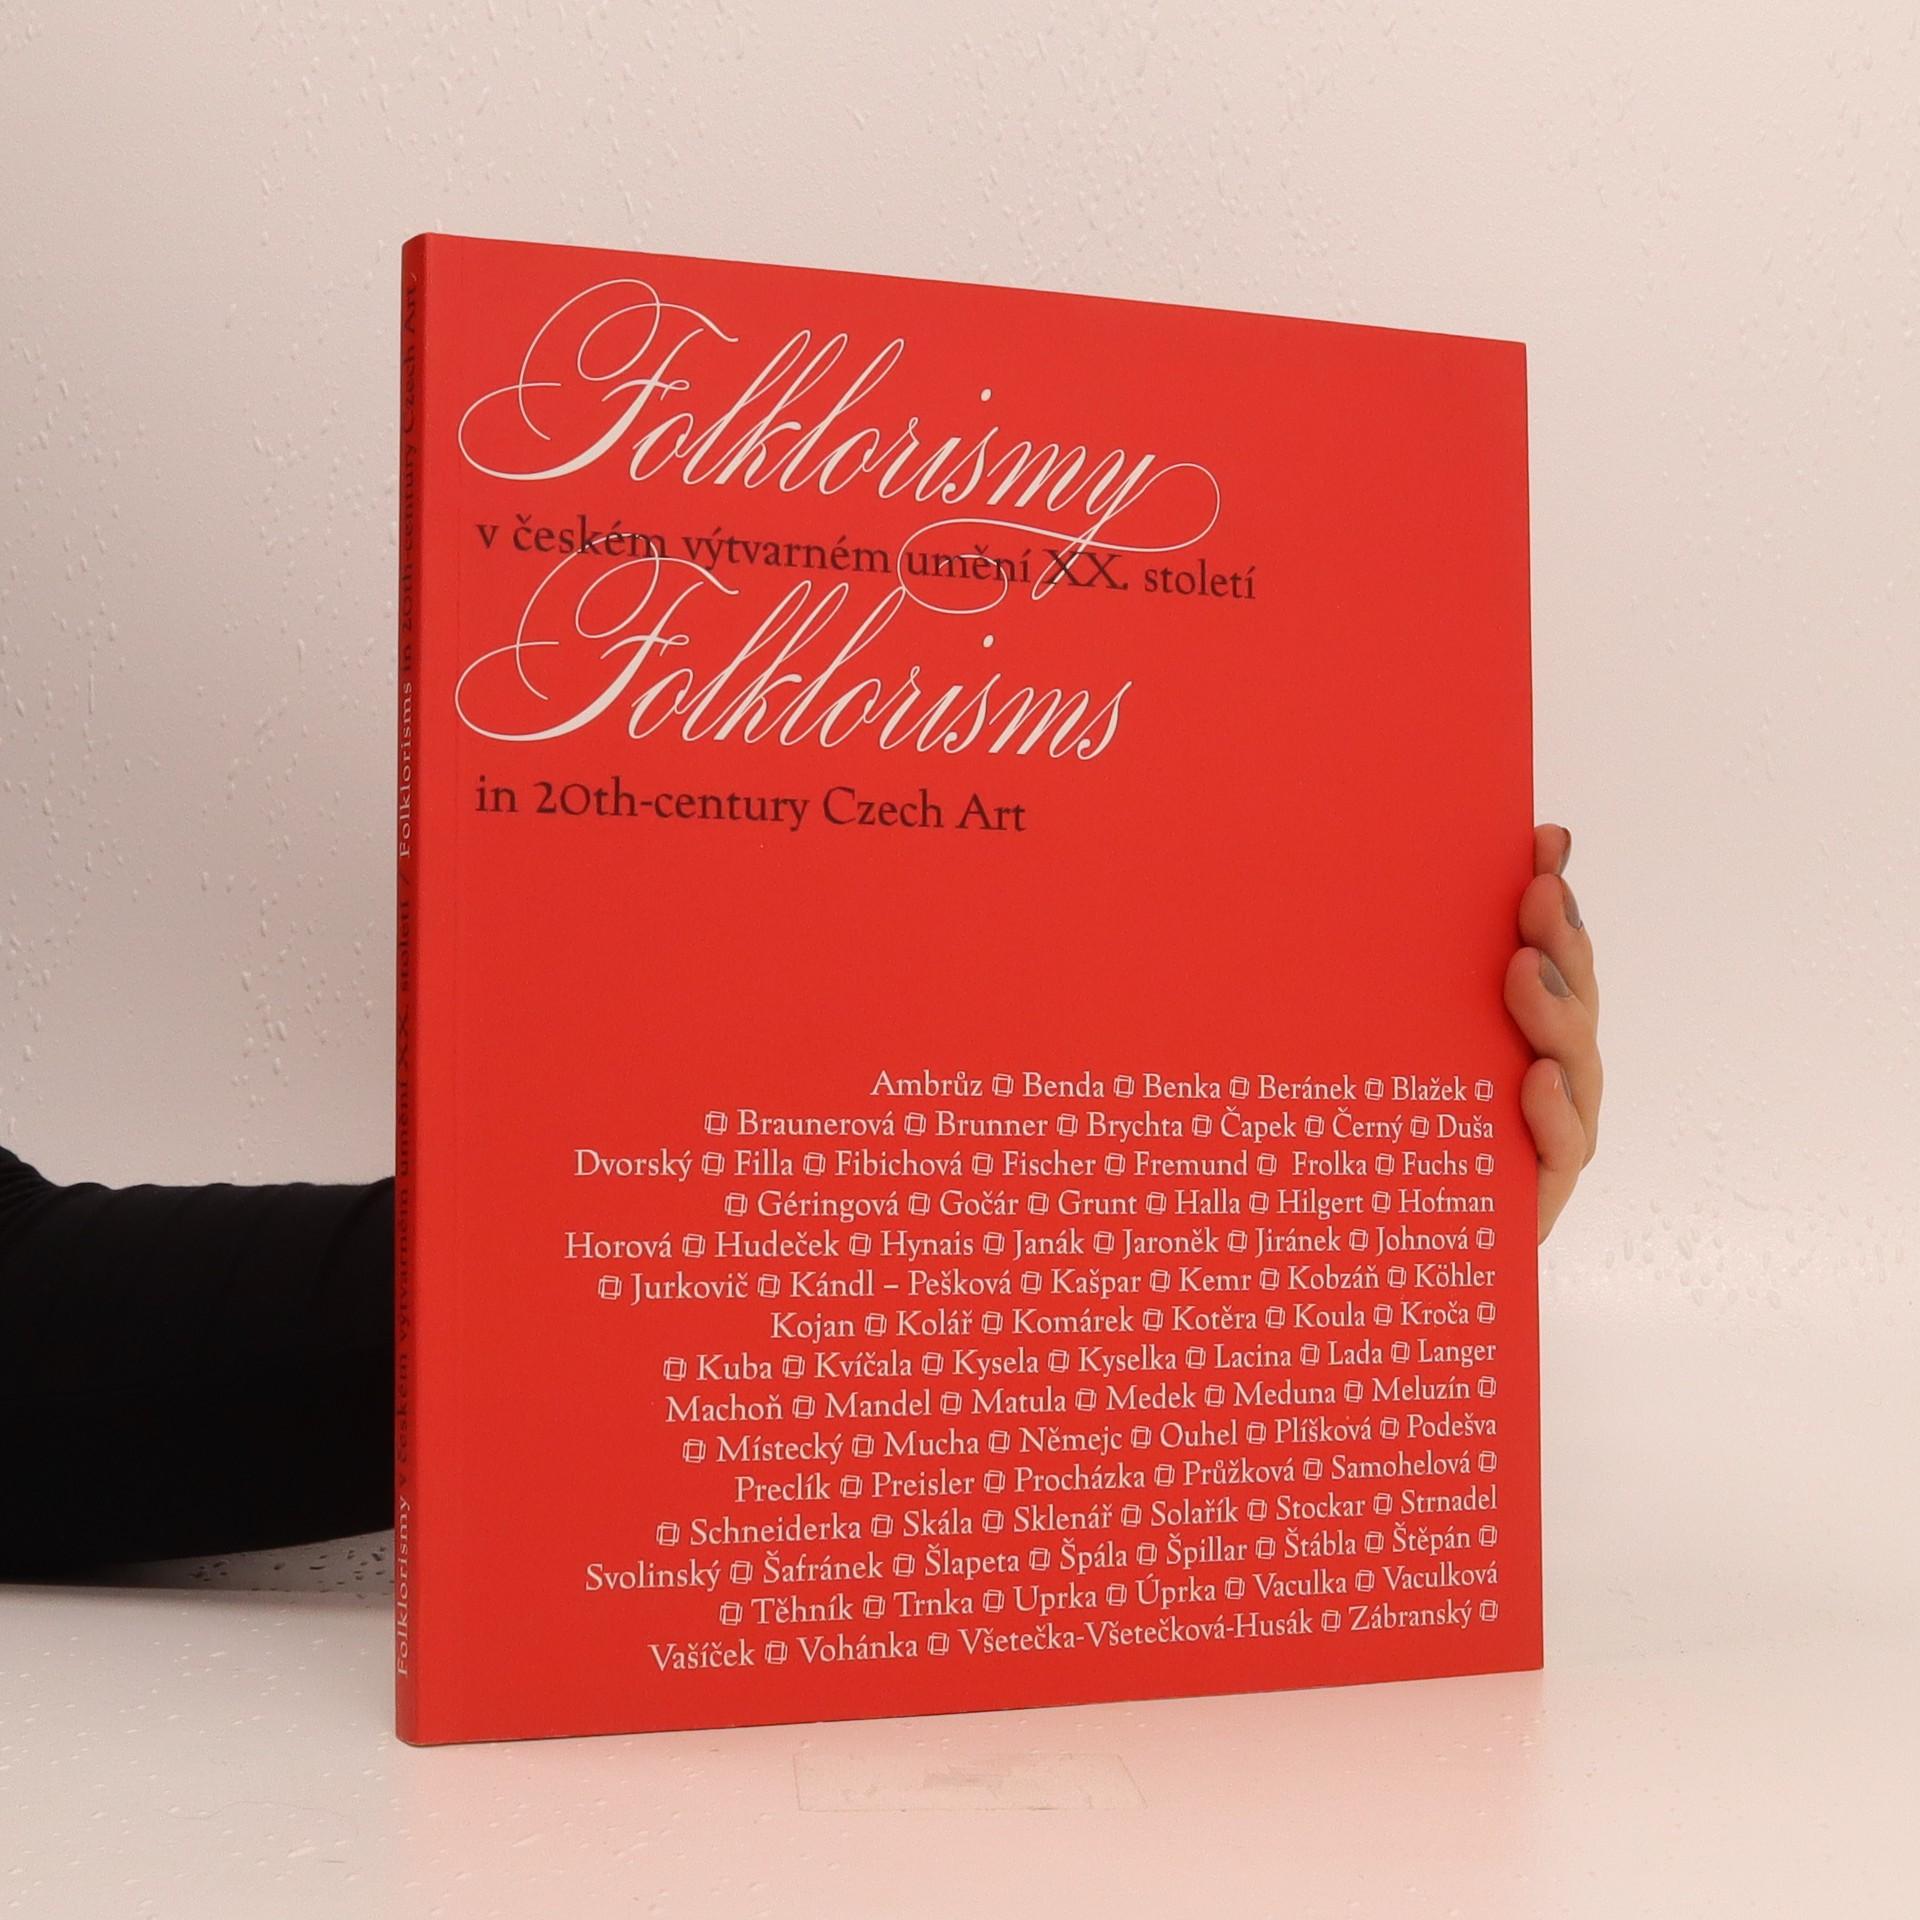 antikvární kniha Folklorismy v českém výtvarném umění XX. století, 2004